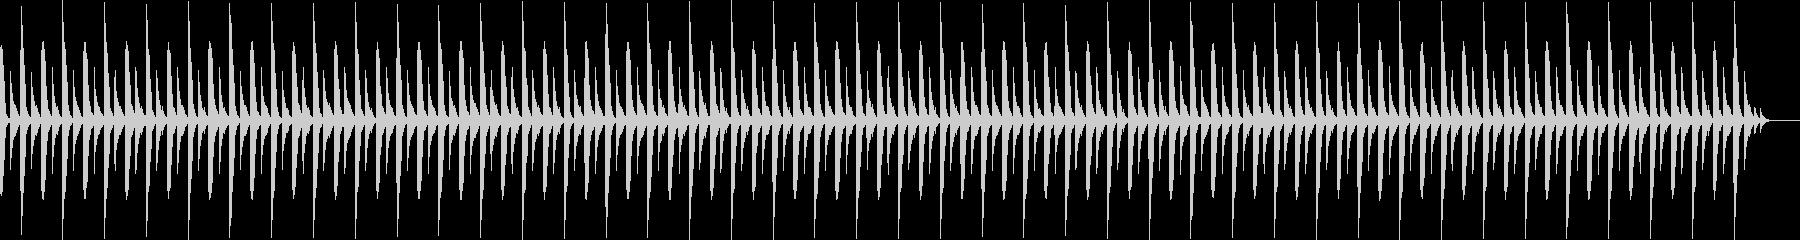 雰囲気の暗いゆっくりしたBGMの未再生の波形